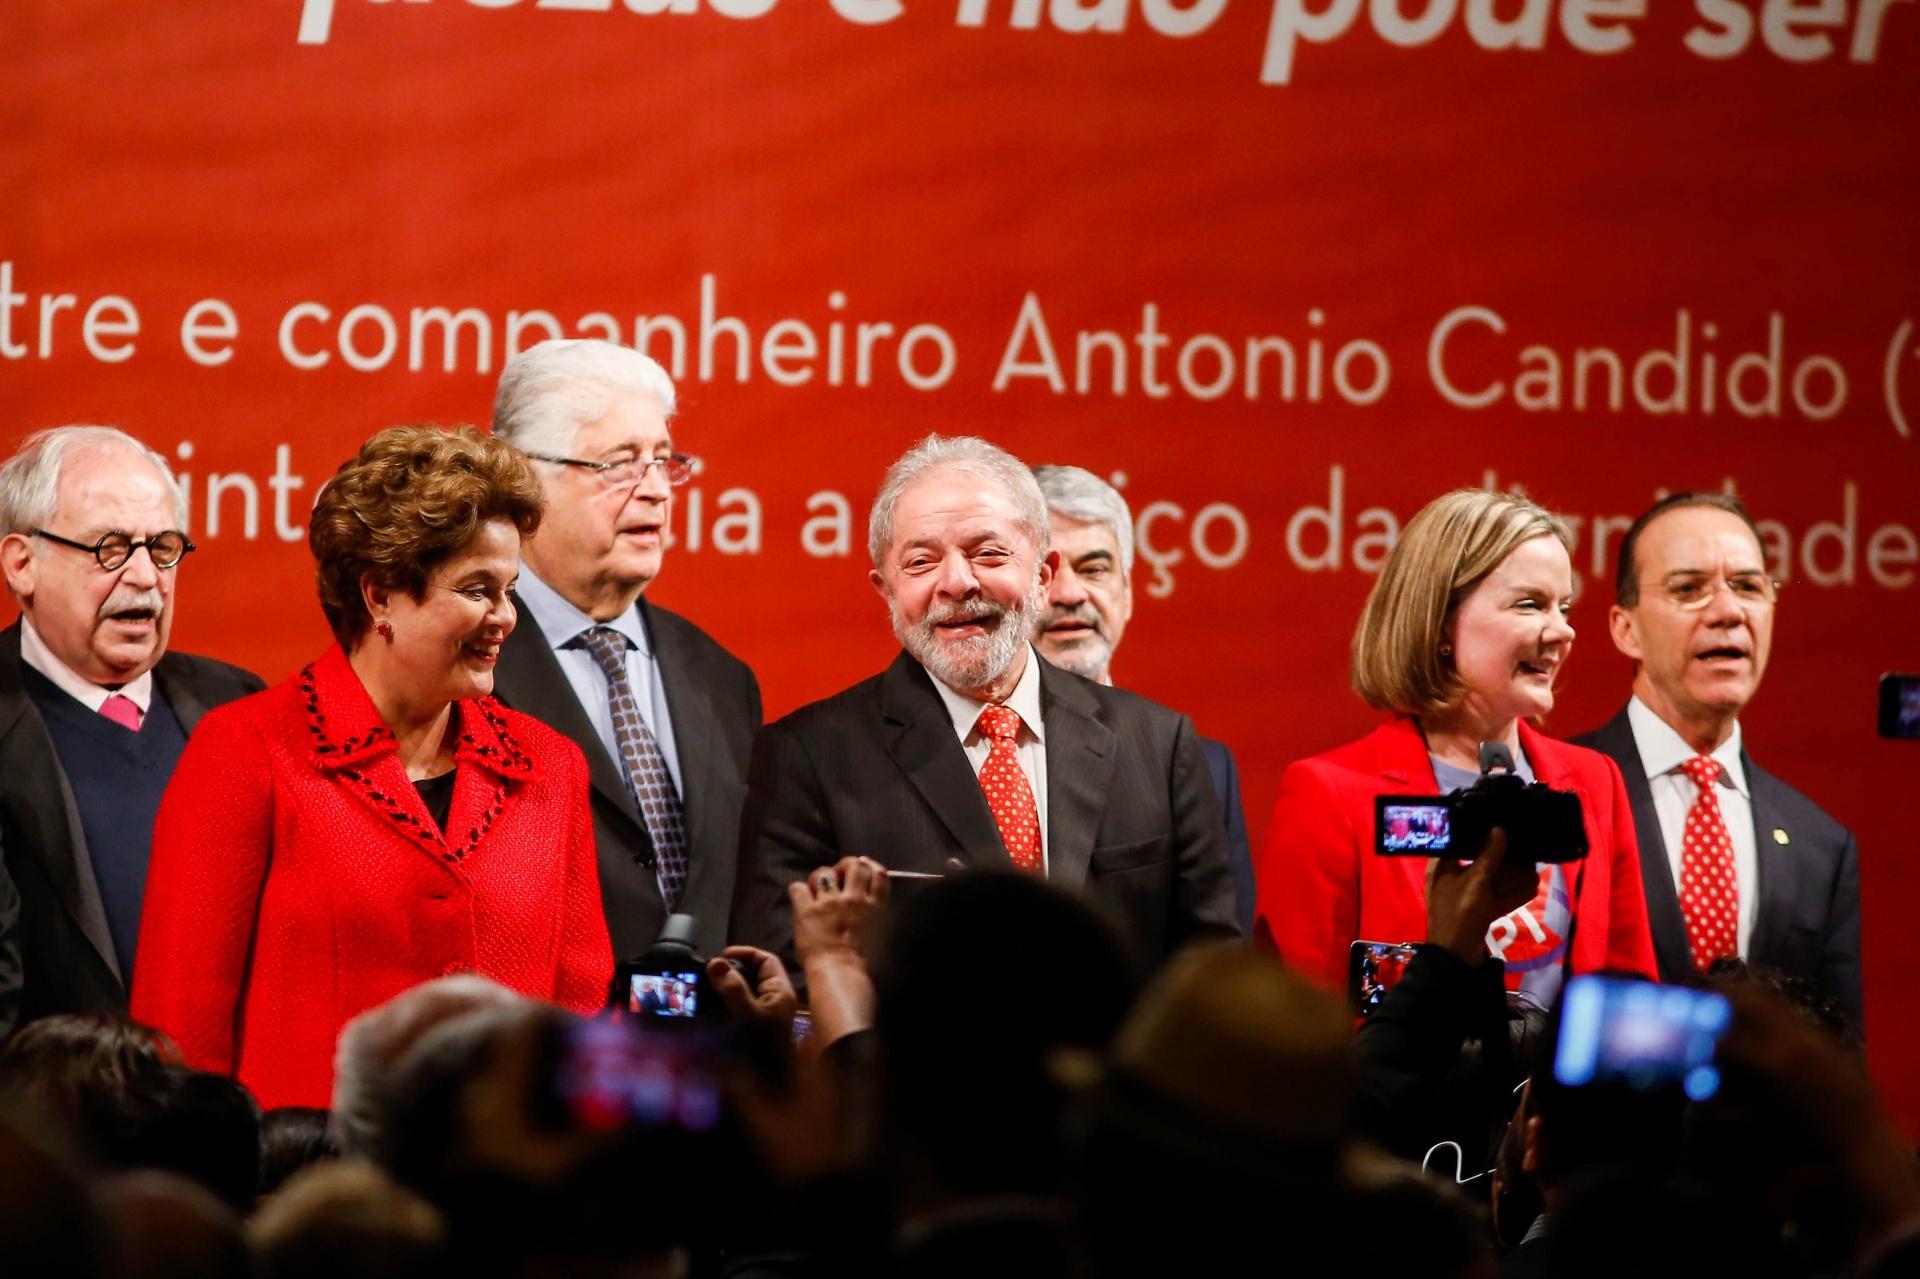 05.jul.2017 - Ex-presidentes da República Dilma Rousseff (e) e Luiz Inácio Lula da Silva (c) participam de evento de posse da nova presidente do PT, senadora Gleisi Hoffmann (d)